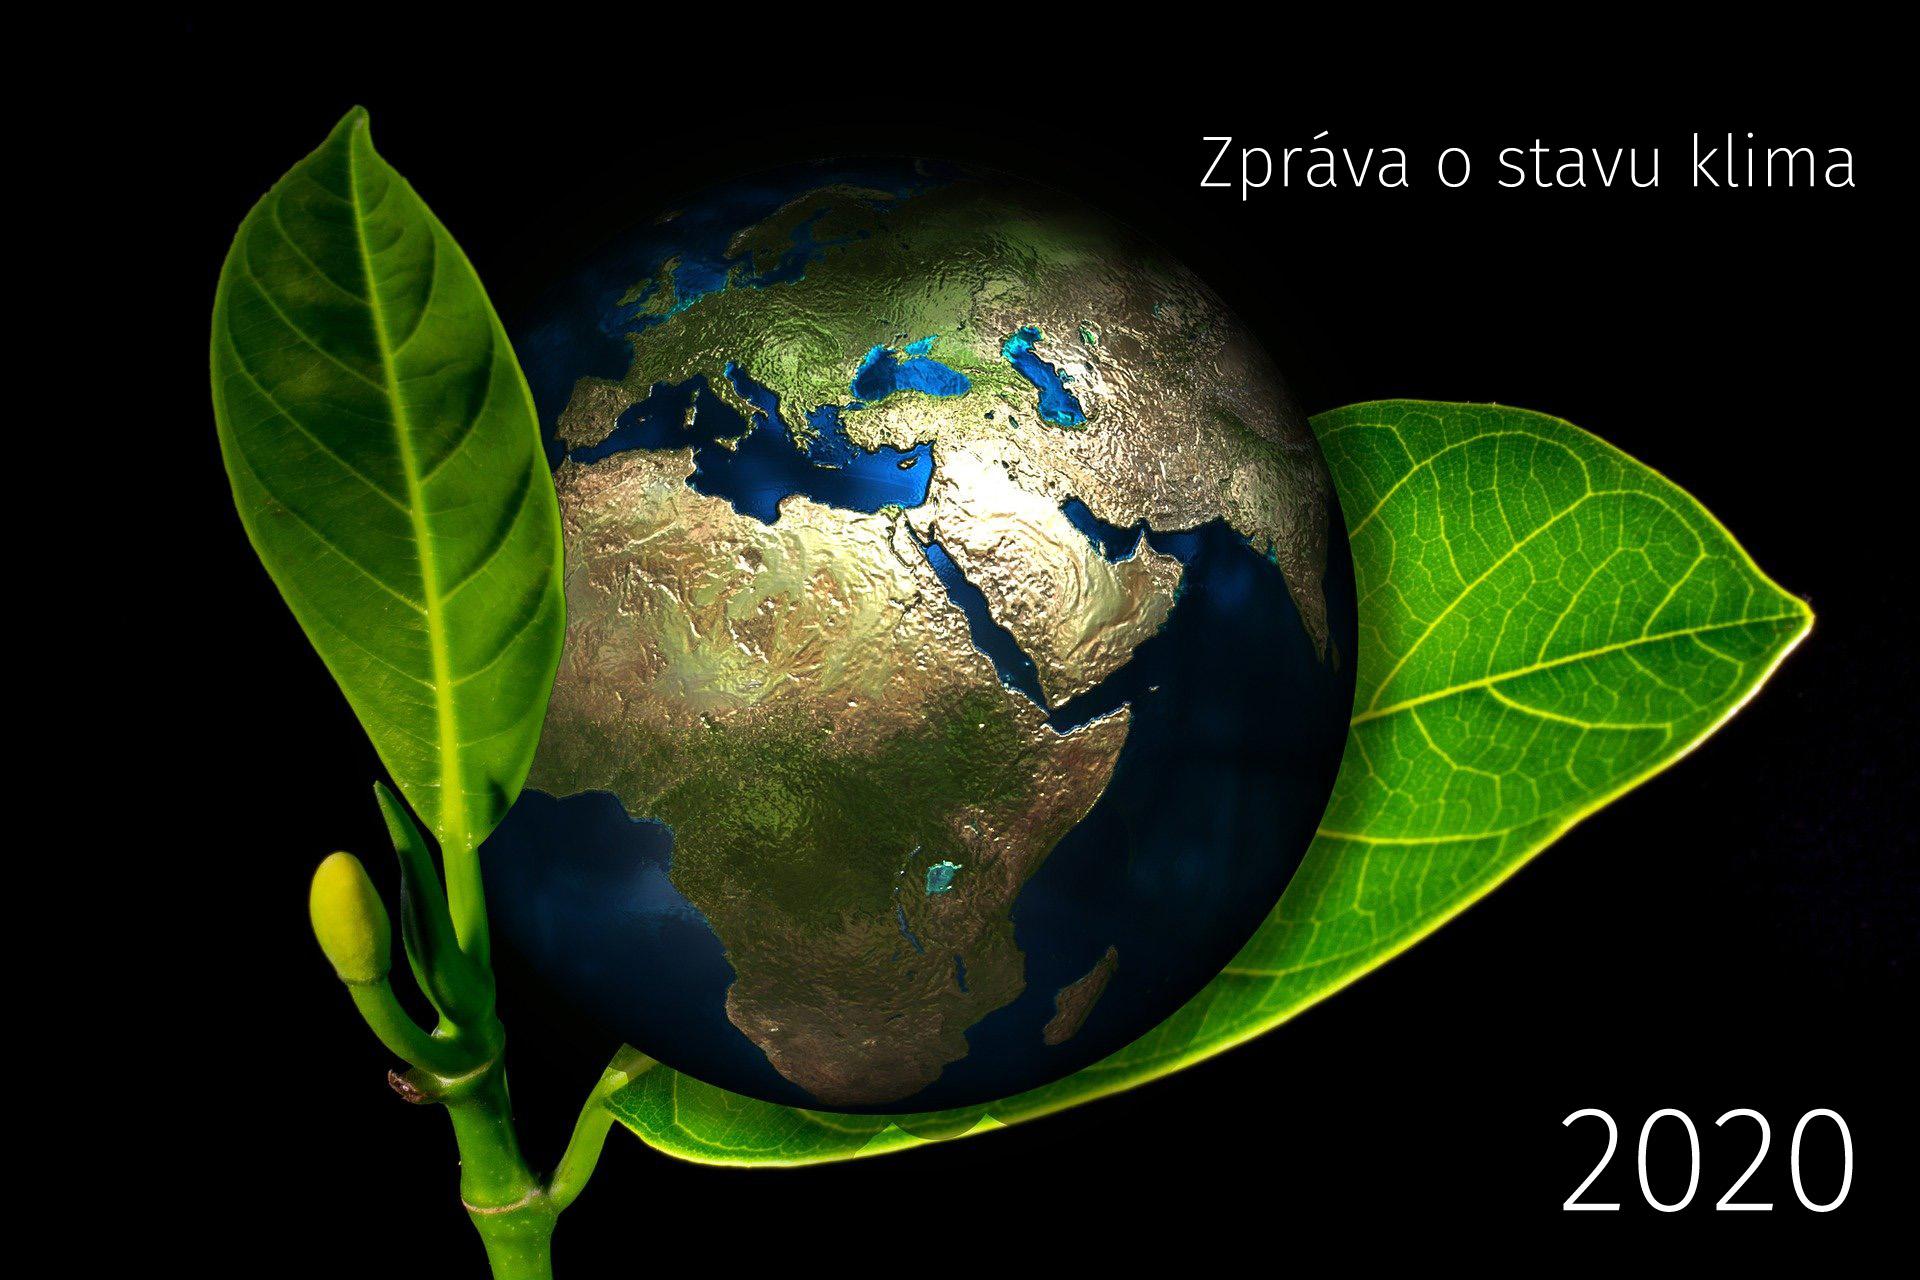 Zpráva o Stavu klima 2020 od Copernicus3 min čtení